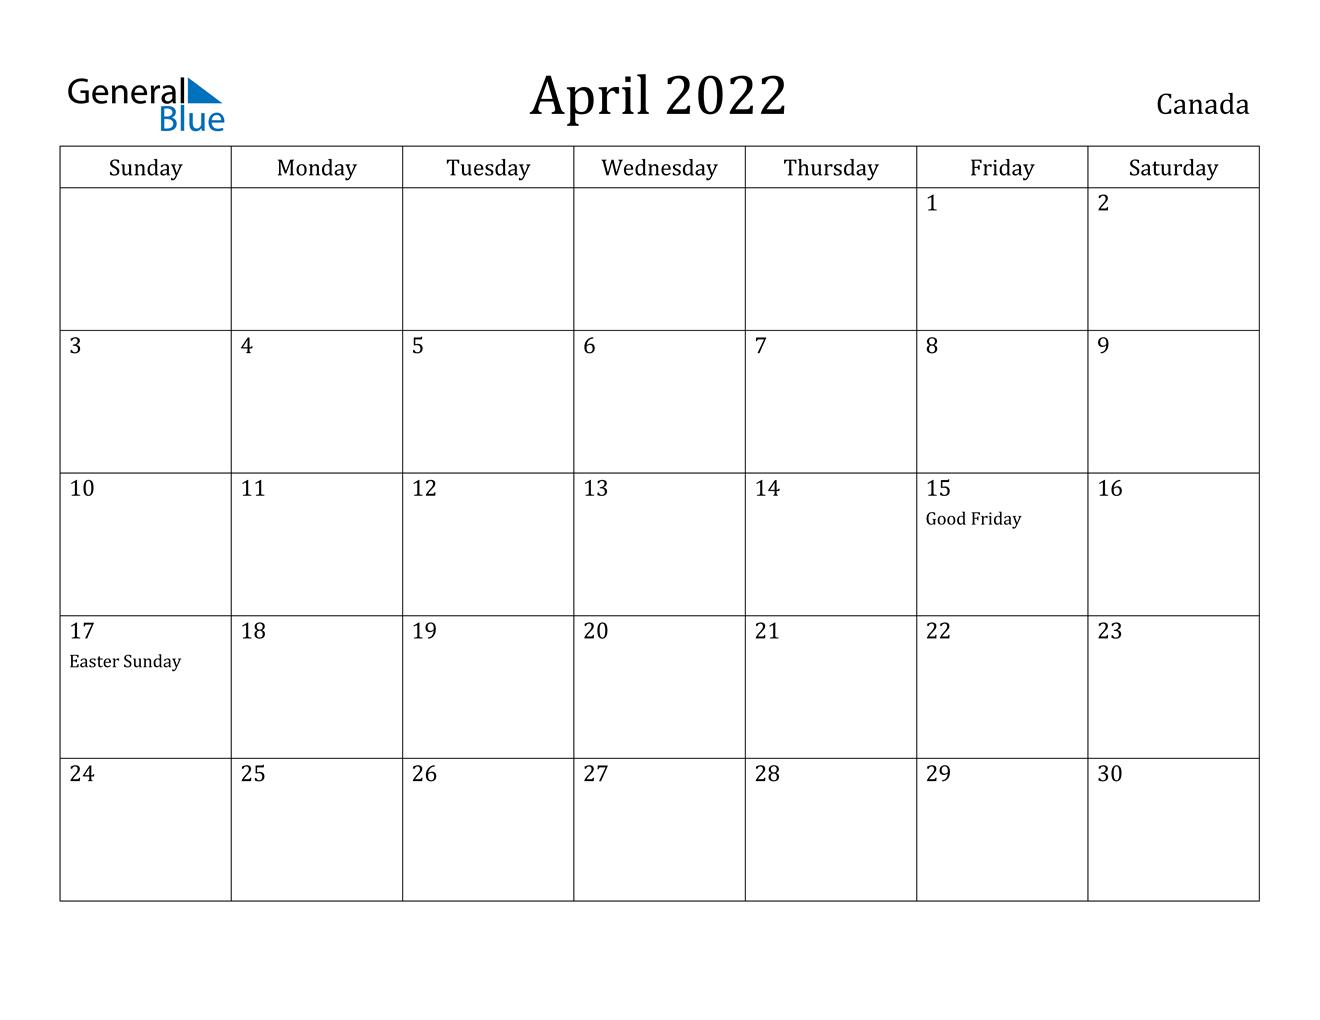 April 2022 Calendar - Canada